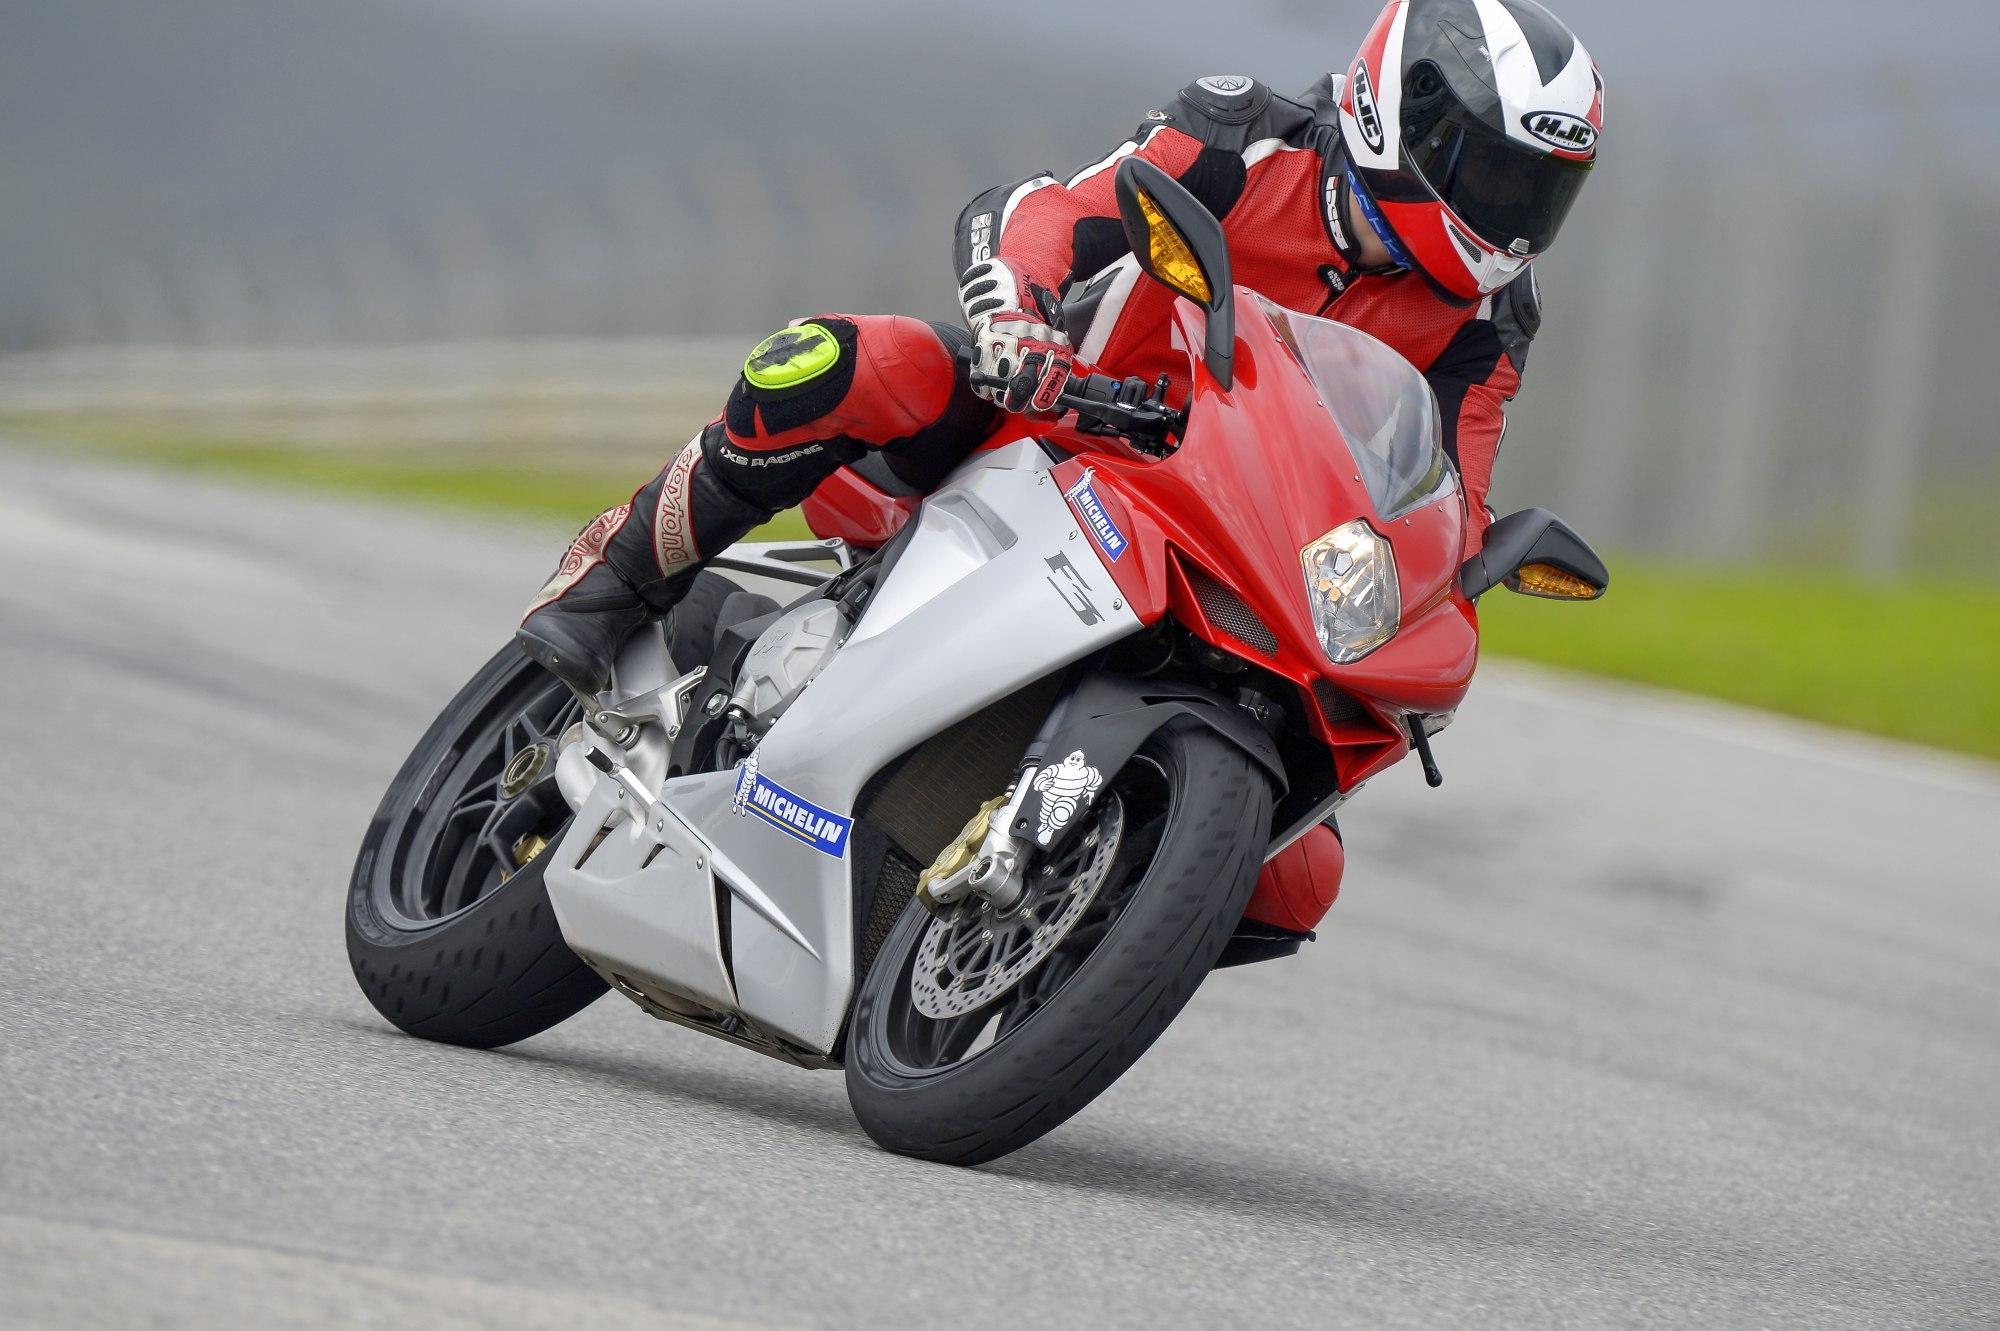 http://www.motorrad-bilder.at/slideshows/291/009240/12.jpg